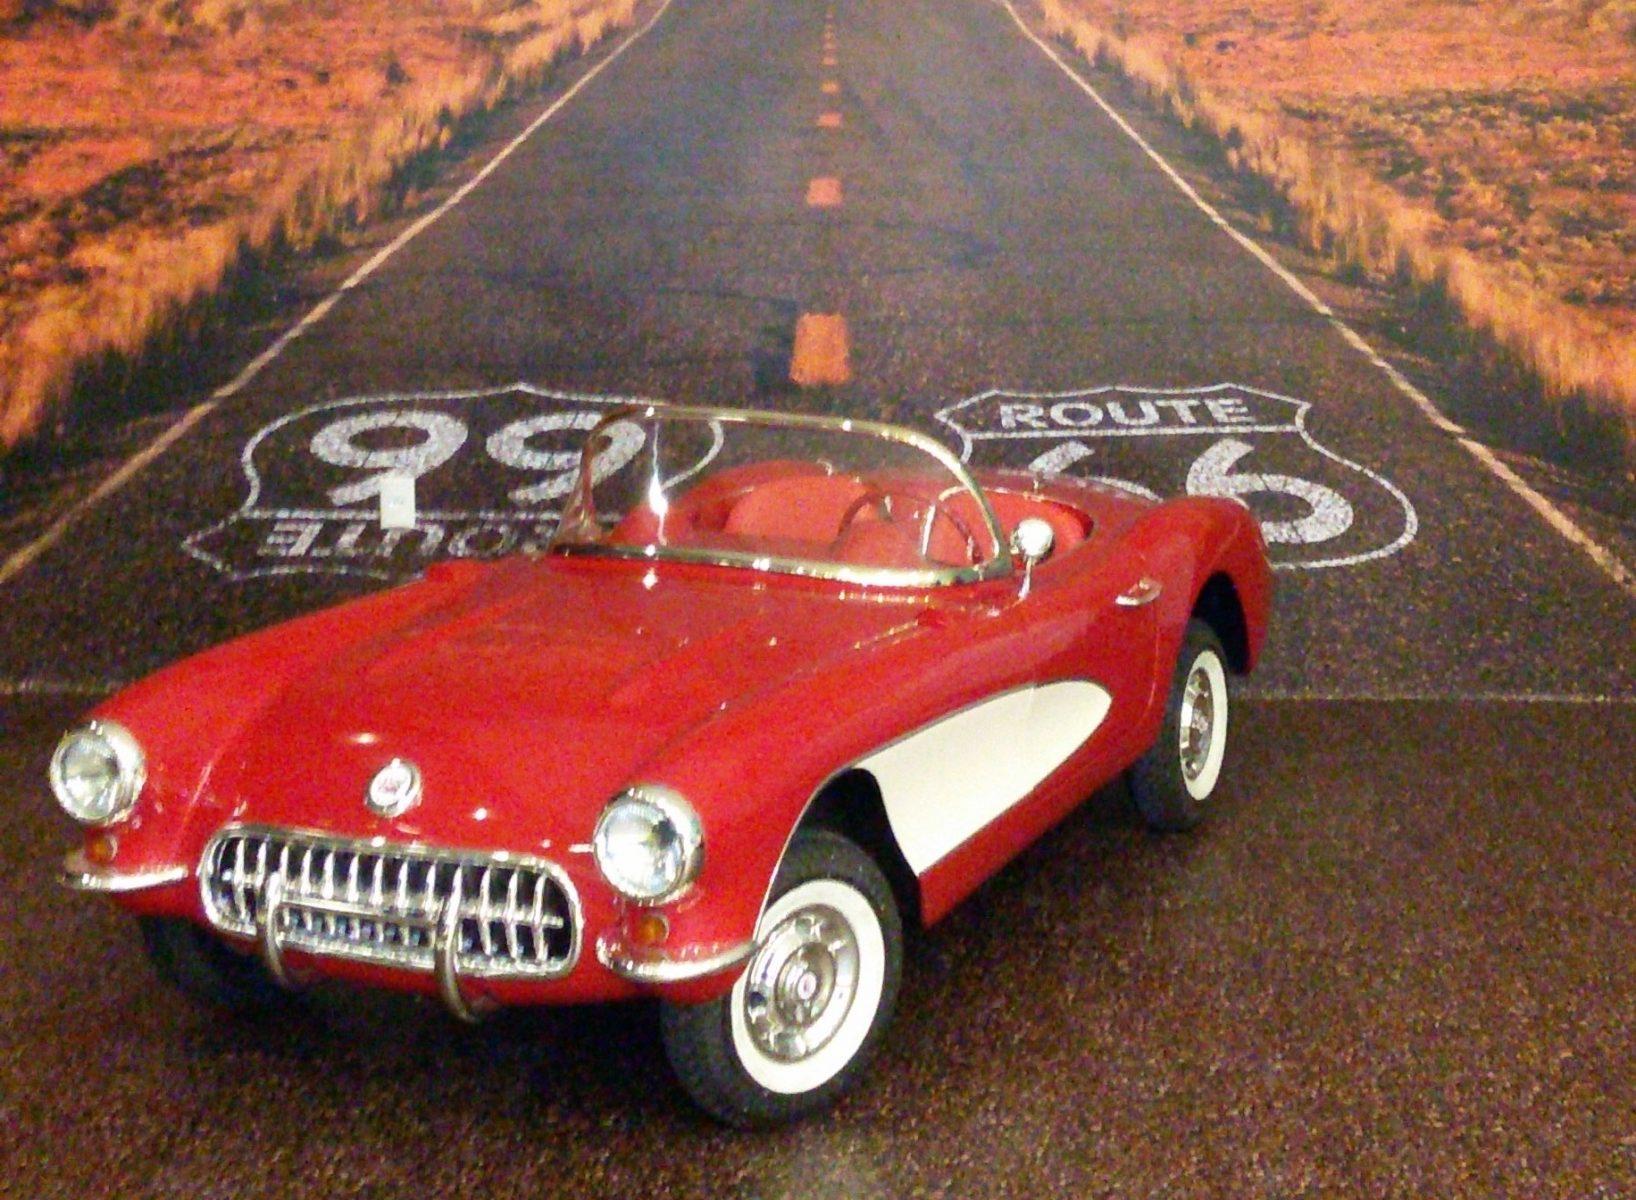 As cidades de Gramado e Canela oferecem museus de carros antigos para deixar fanáticos babando, com cinco atrações dedicadas ao tema.